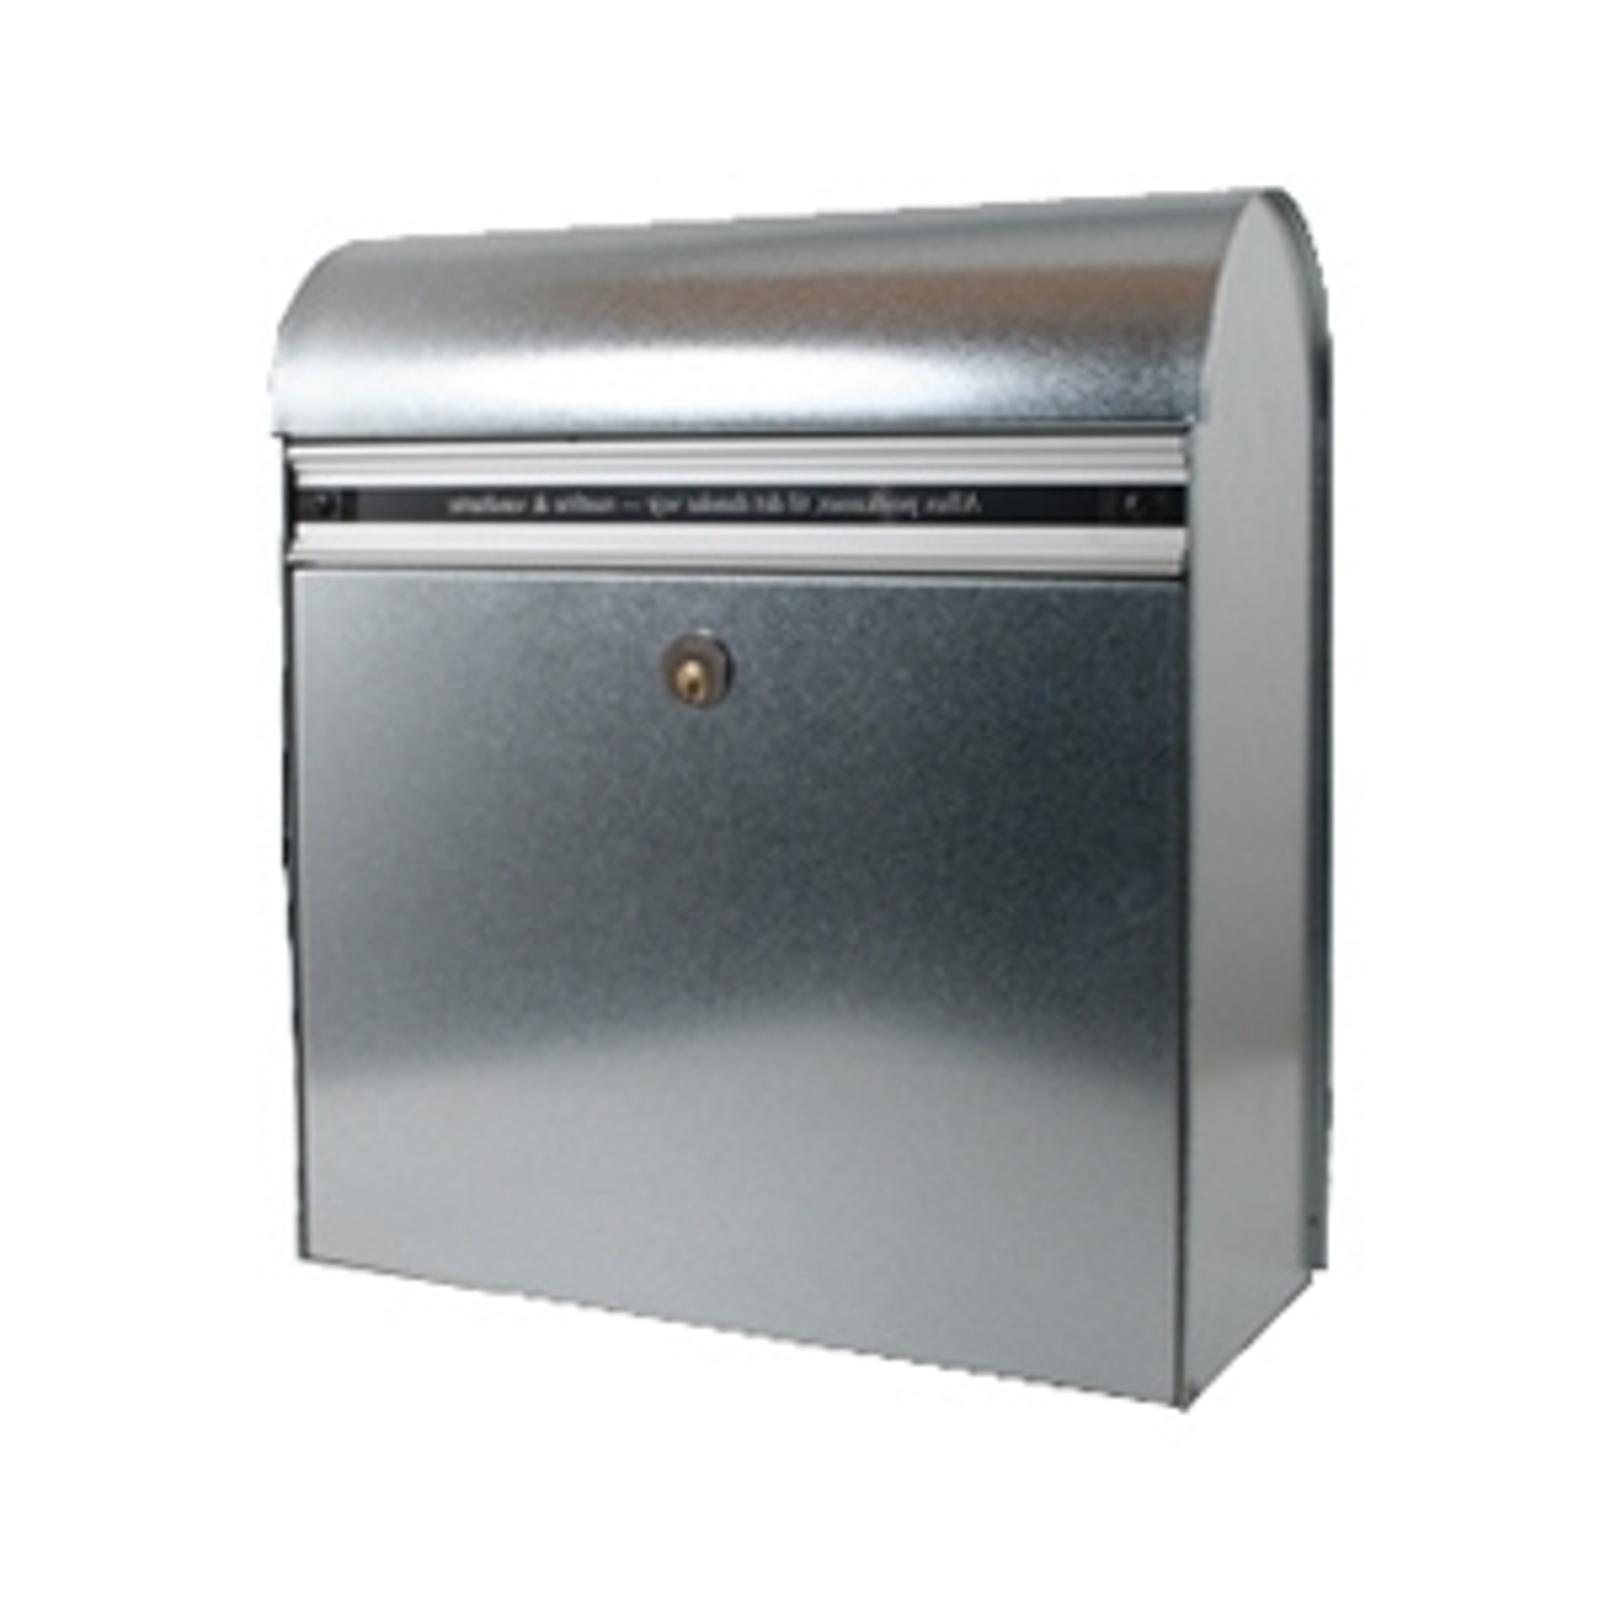 Robusta cassetta postale KS200, acciaio